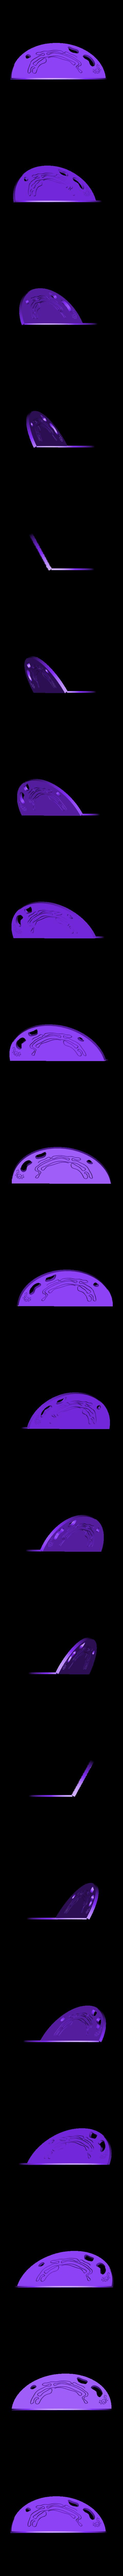 cell_inner.STL Télécharger fichier STL gratuit Modèle de cellule multicolore • Plan imprimable en 3D, MosaicManufacturing